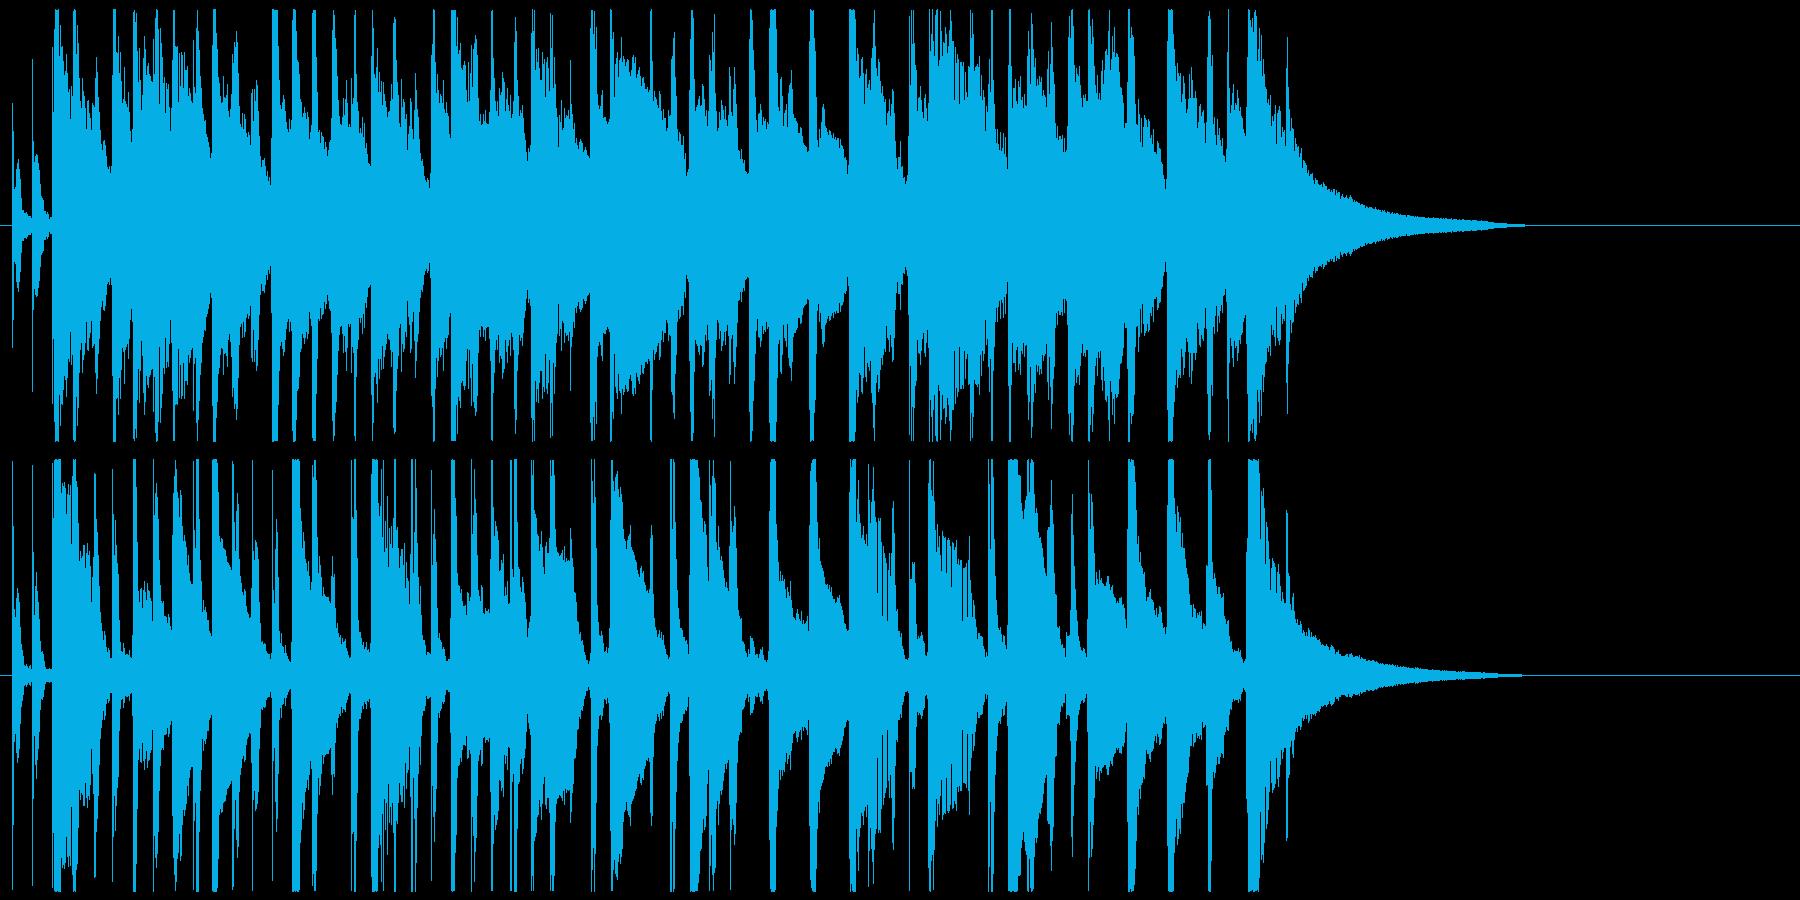 かわいいジングル 明るいほのぼのポップの再生済みの波形